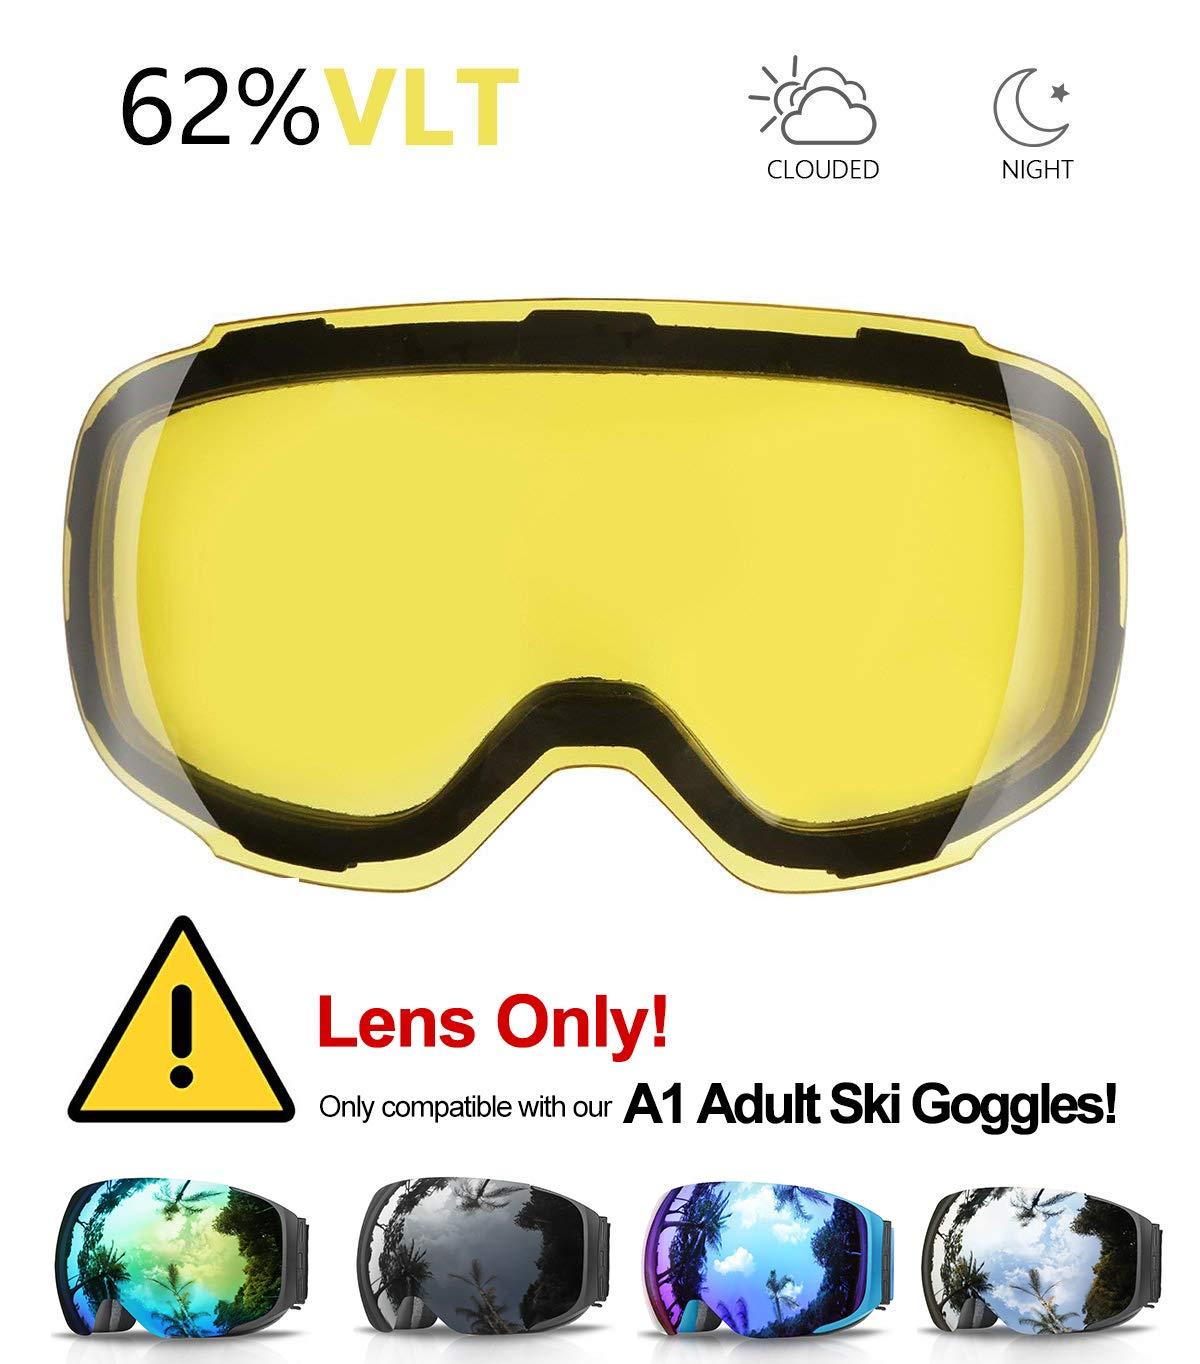 Gafas de Esquí, eDriveTech Máscara Gafas Esqui Snowboard Nieve Espejo para Hombre Mujer Adultos Juventud Jóvenes Chicos Chicas Anti Niebla Gafas de Esquiar ...